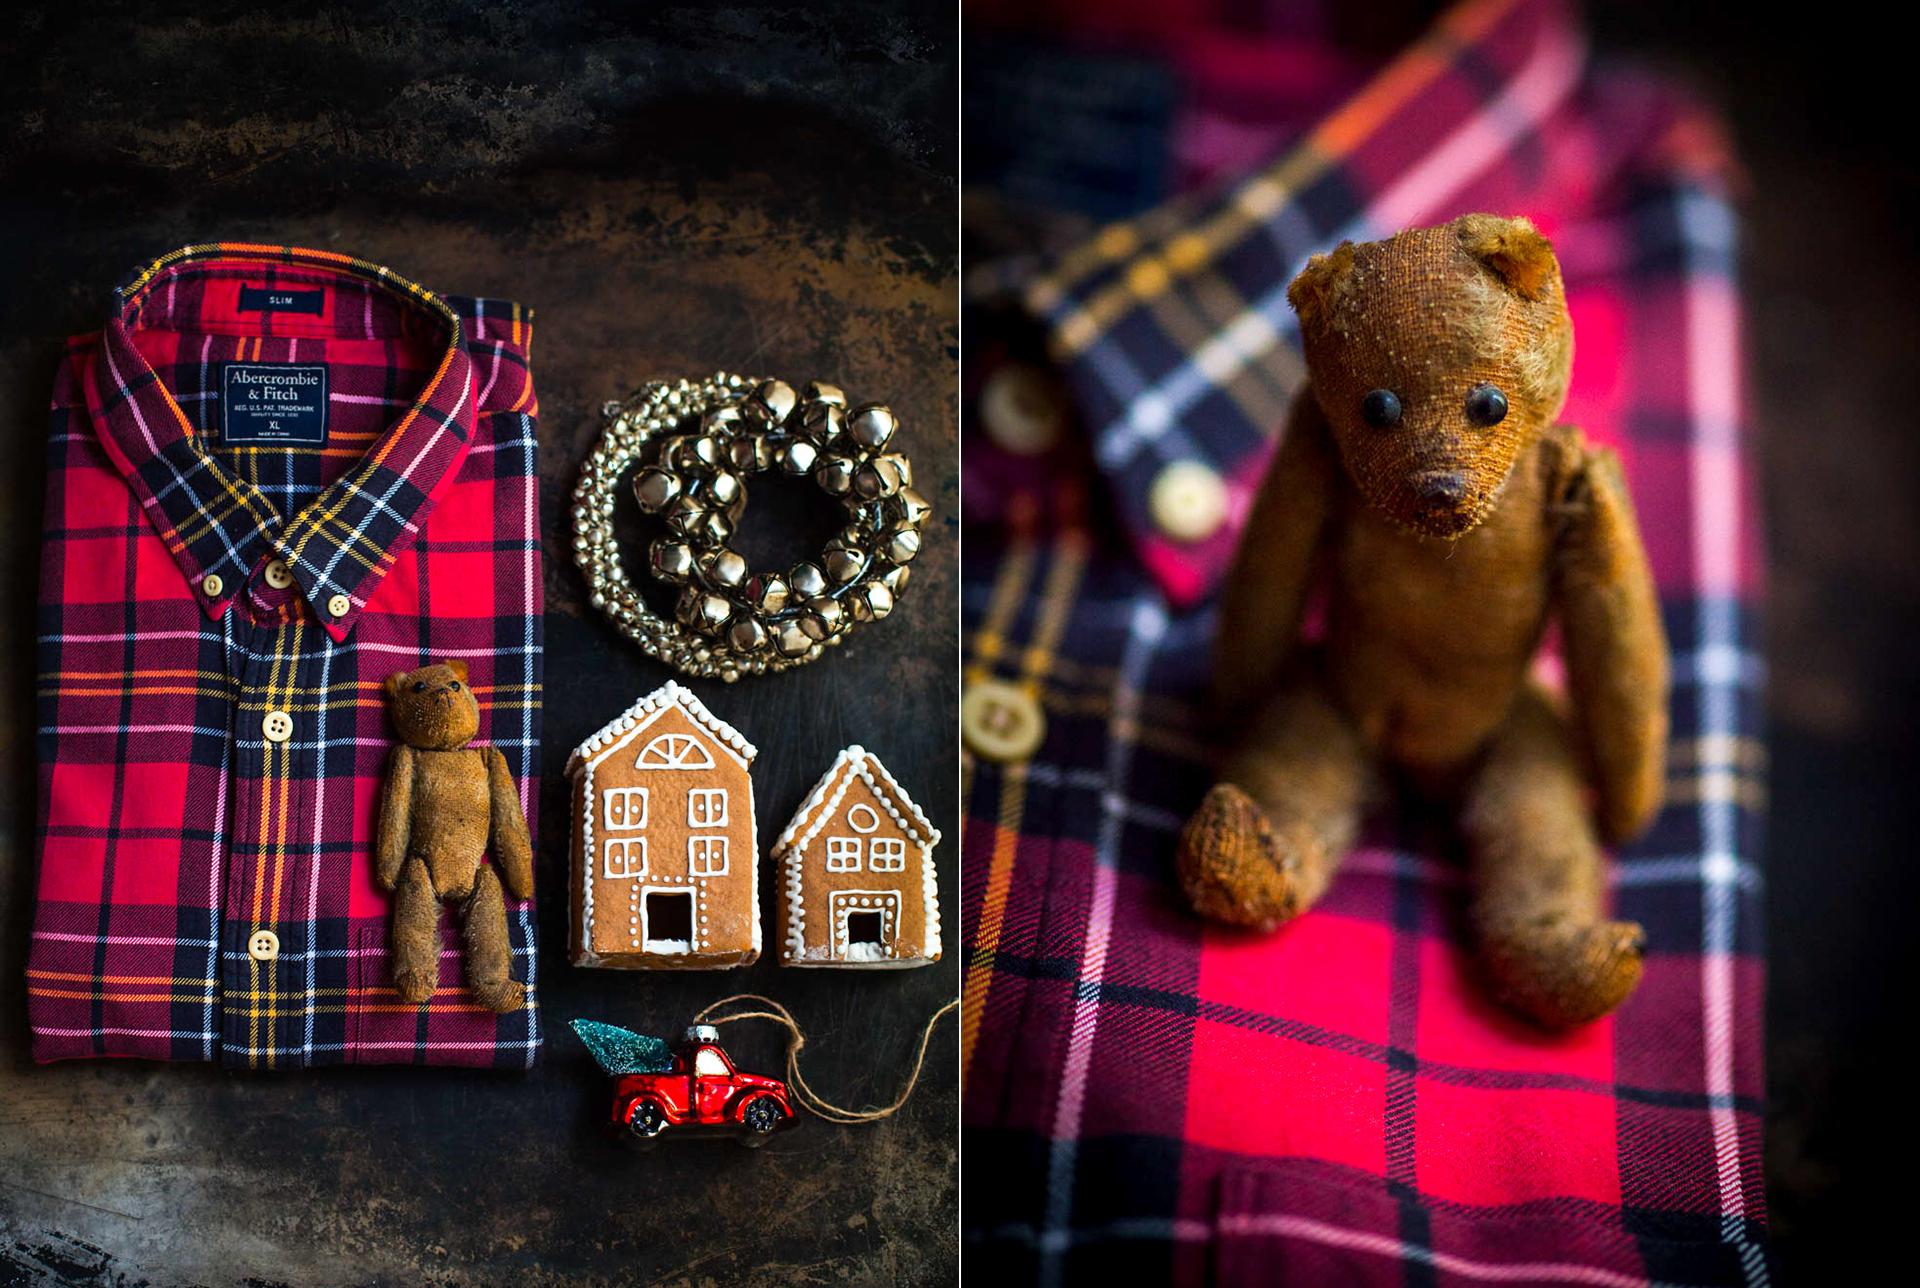 weihnachtliches Arrangement mit einem karierten Hemd, kleinen Teddybaer, Lebkuchenhaeuser, Weihnachtsanhaenger und Gloeckchen fotografiert von Katrin Winner und Stylistin Suse Vollmar